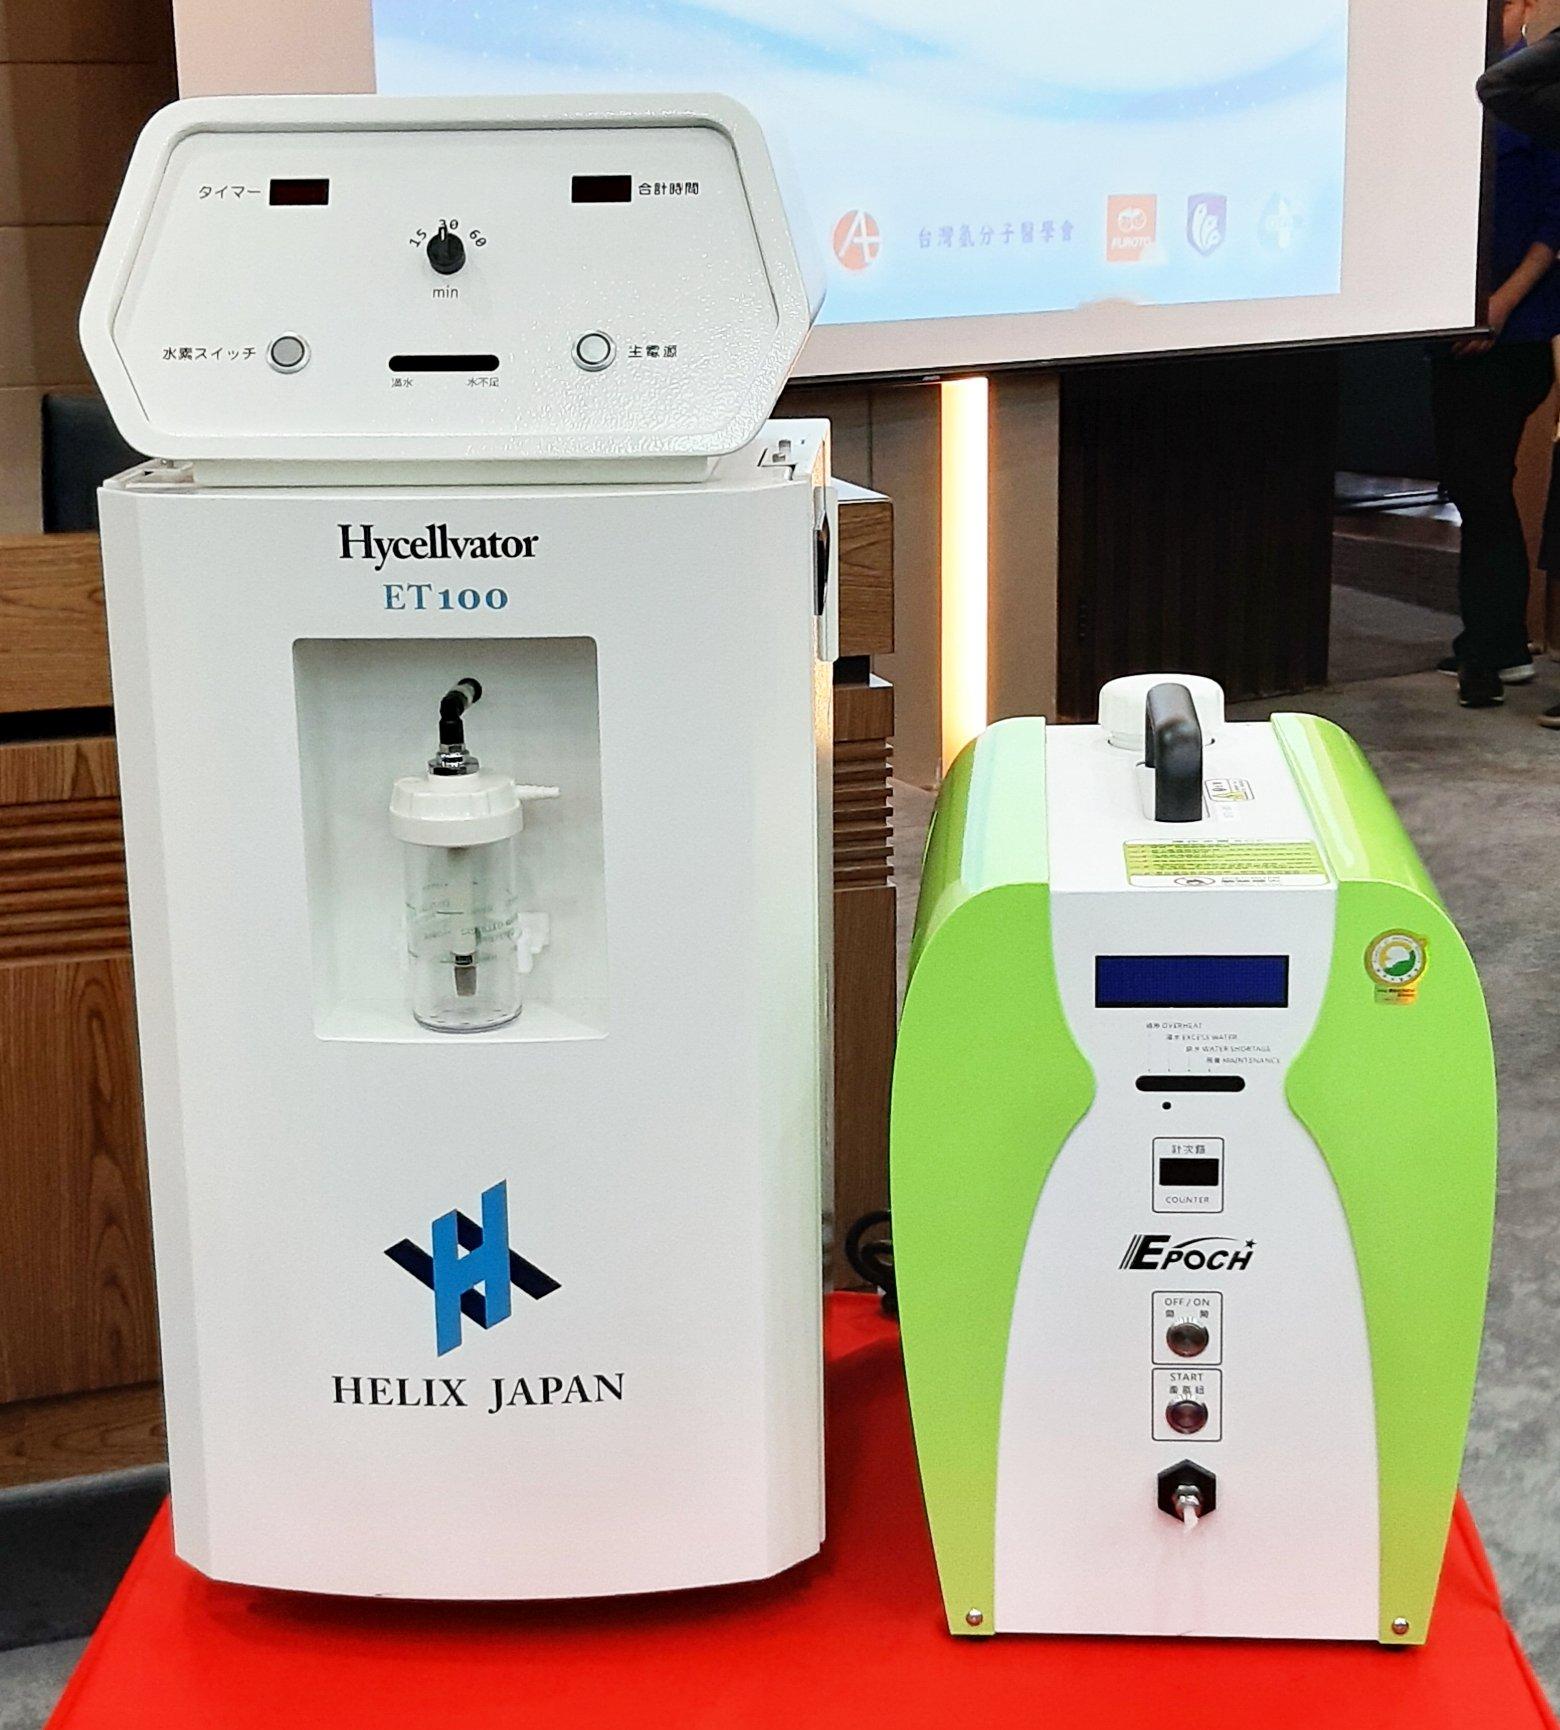 日本款醫材級 ET-100 氫美機 (左邊,醫療中心赤木純兒院長使用於癌末患者臨床,台灣未銷售) ,右邊為台灣款唯一榮獲SNQ國家安全品質認證長照健康設備之產氫機- 氫美氧生機 HB-33 。